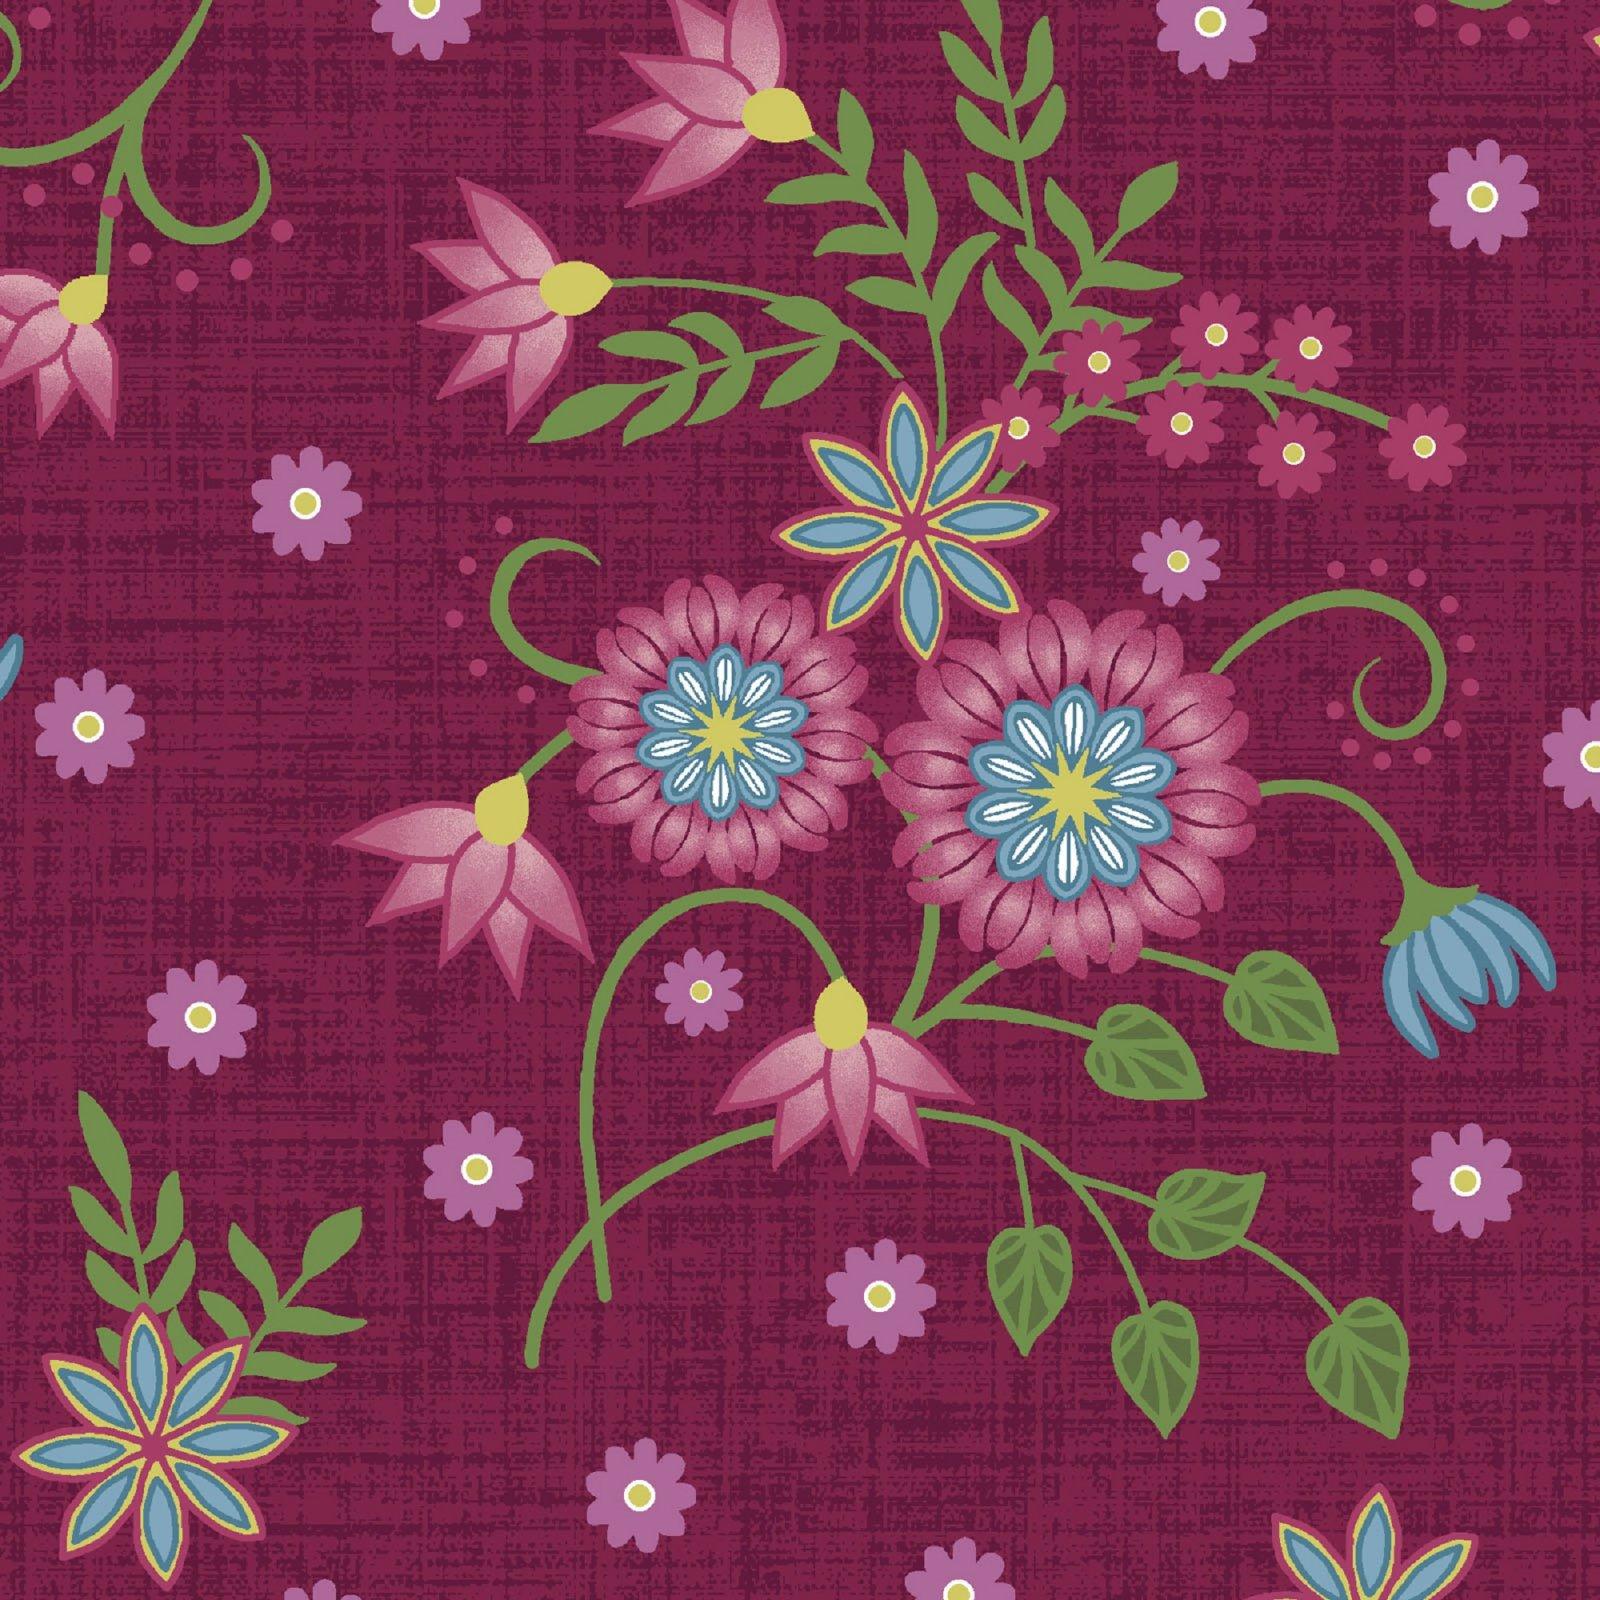 Flower & Vine - Floral Allover - Red